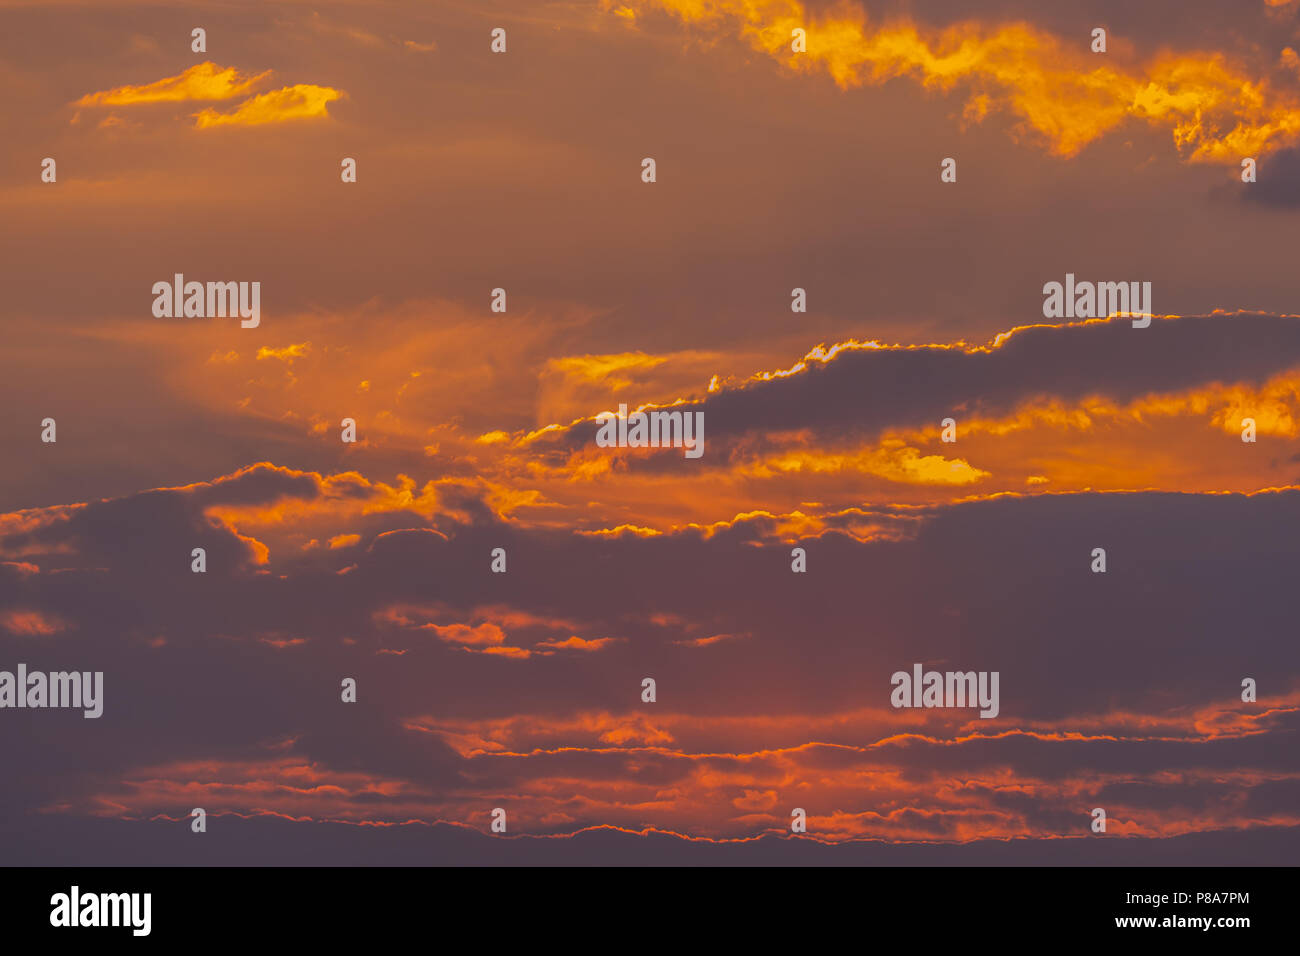 La belleza del cielo nocturno, con densas nubes y el sol tratando de romper a través de ellos. . Para su diseño Foto de stock